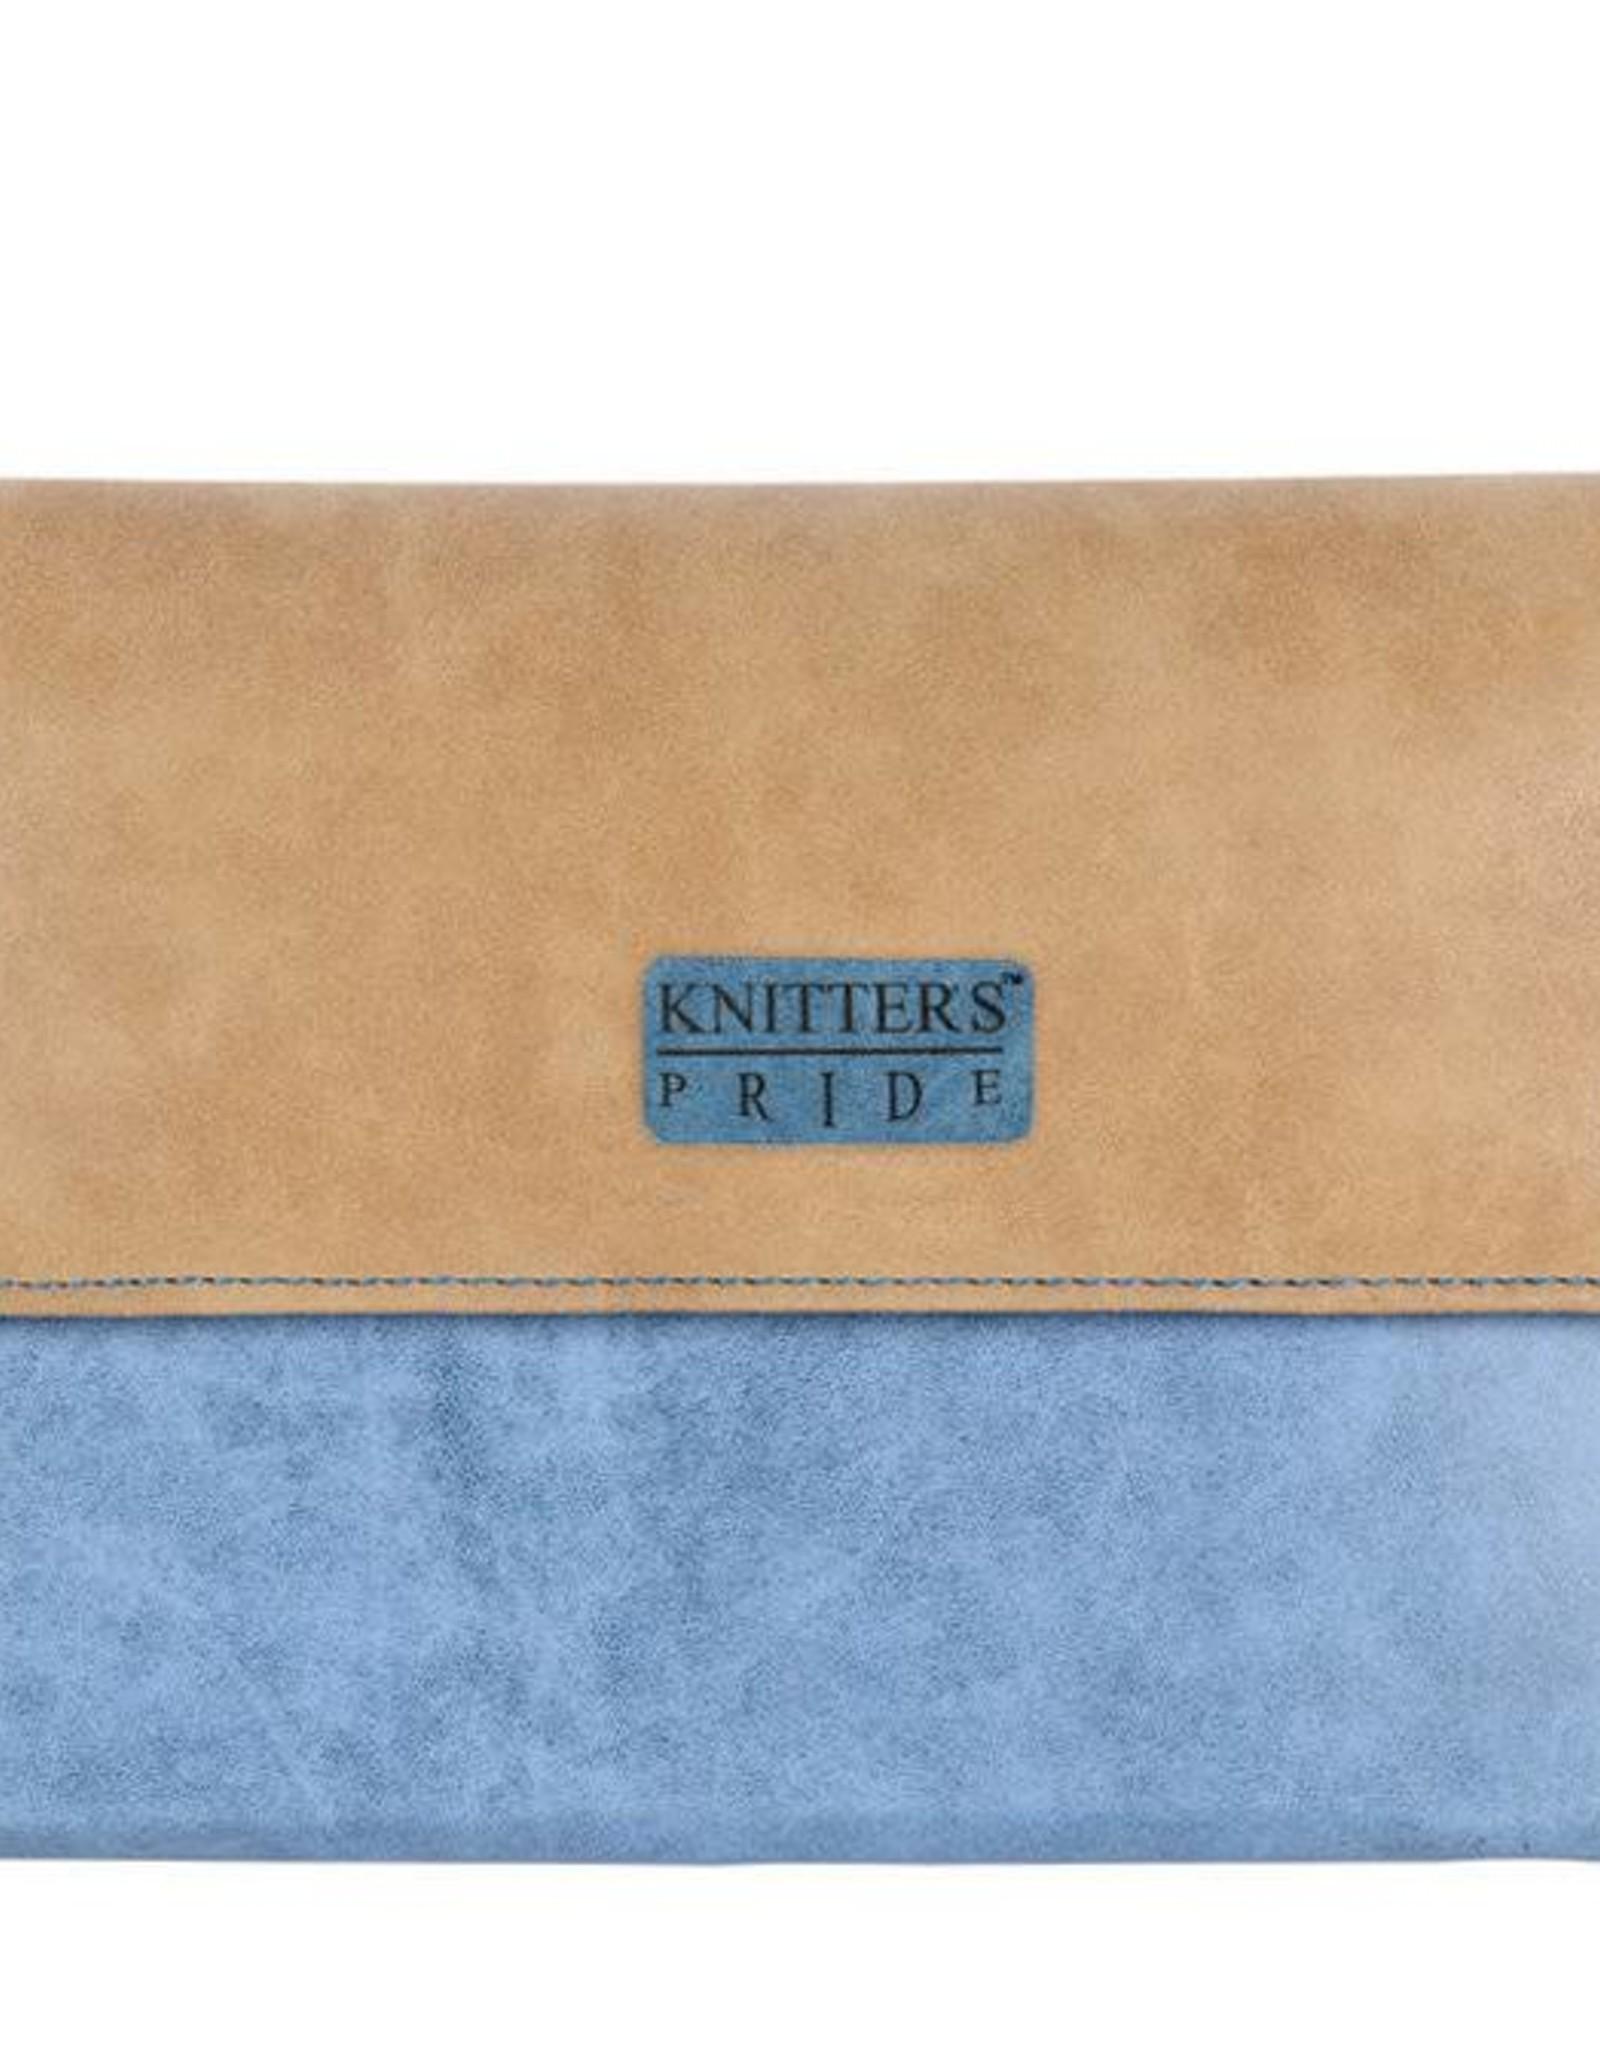 Knitter's Pride Knitter's Pride Ginger Deluxe Interchangeable Set